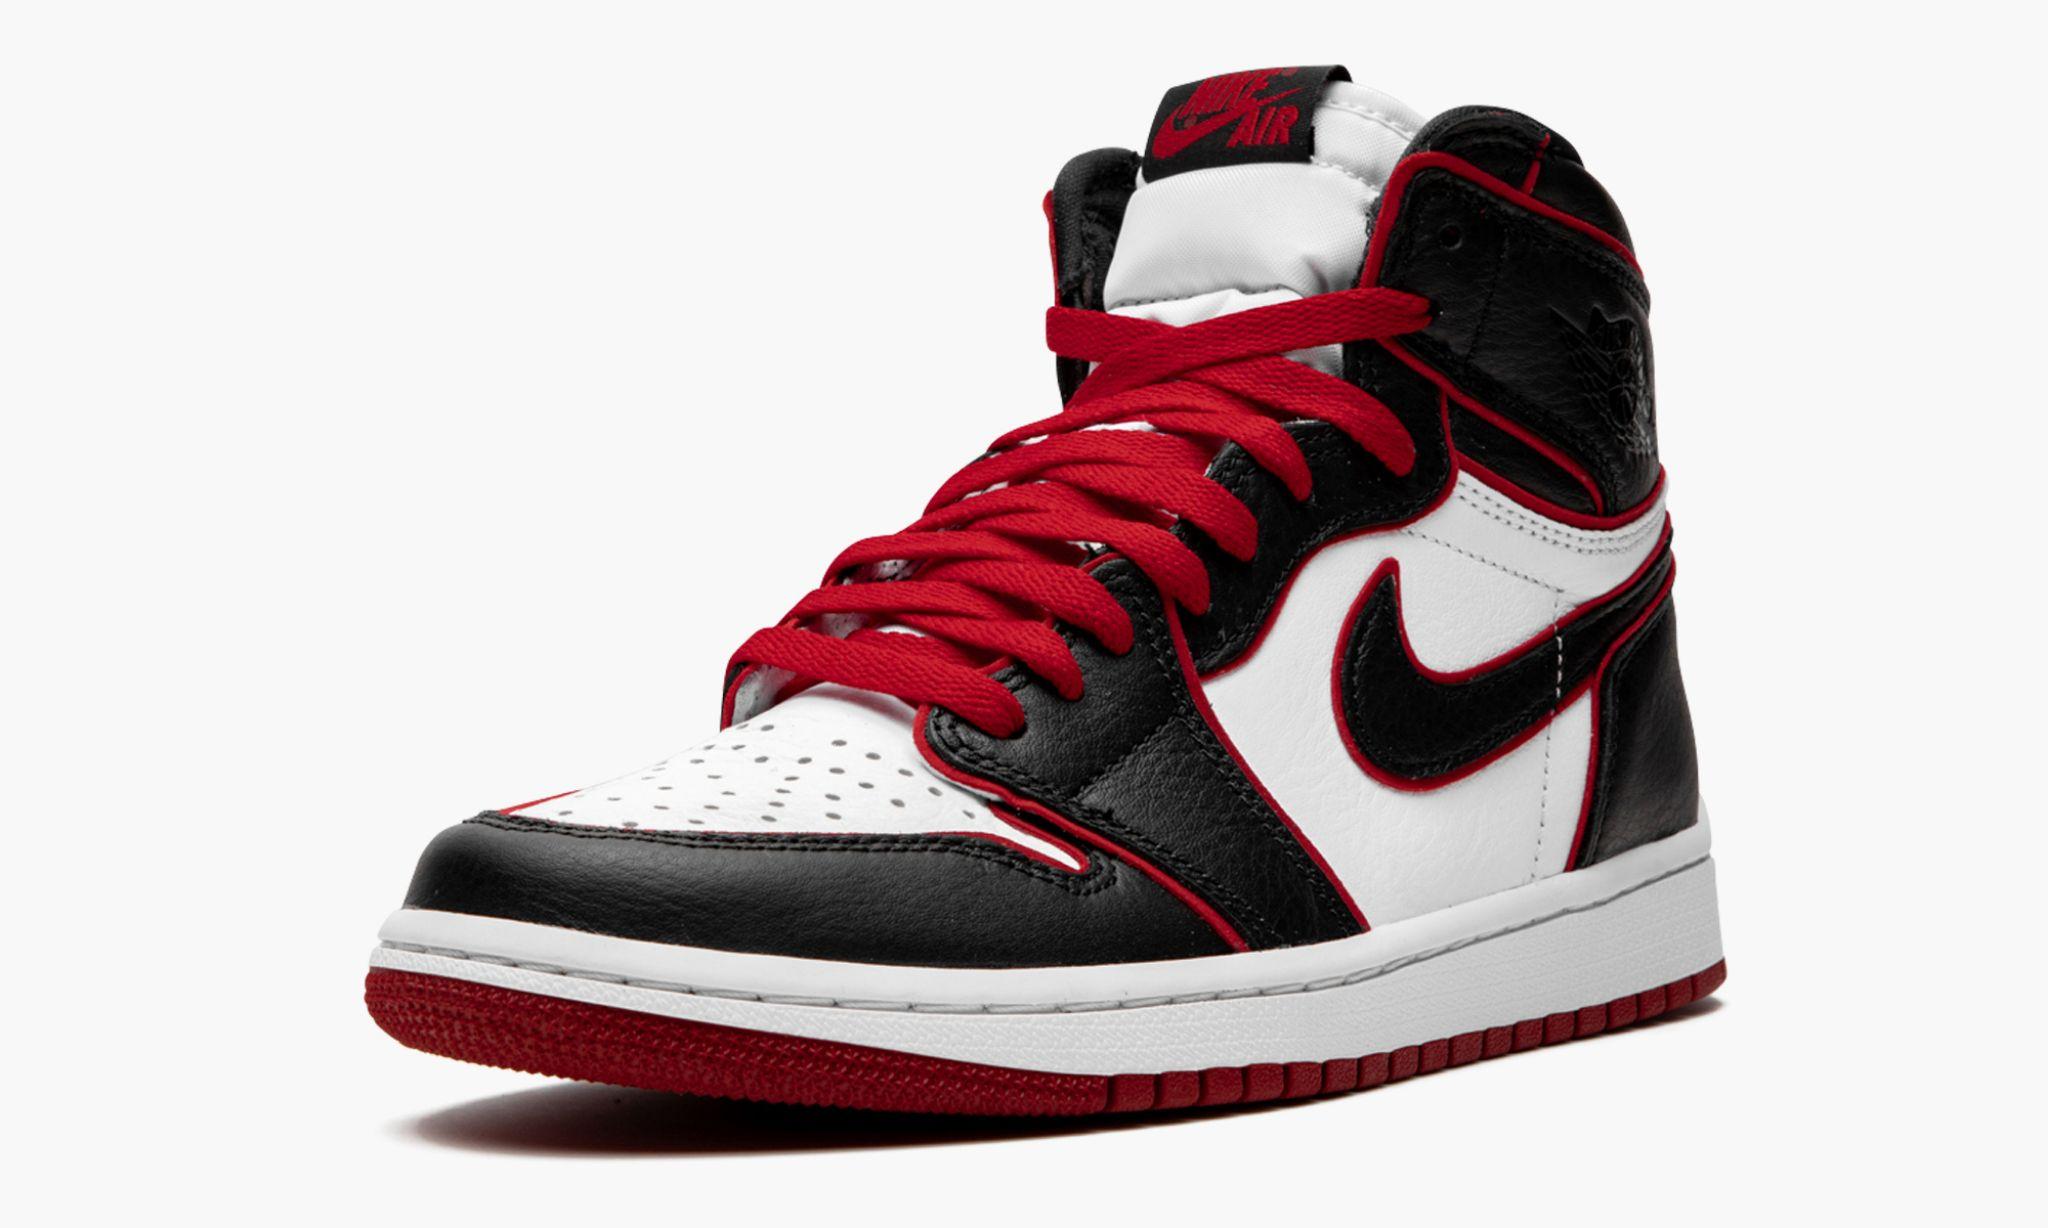 Air Jordan 1 High OG Bloodline 555088 062